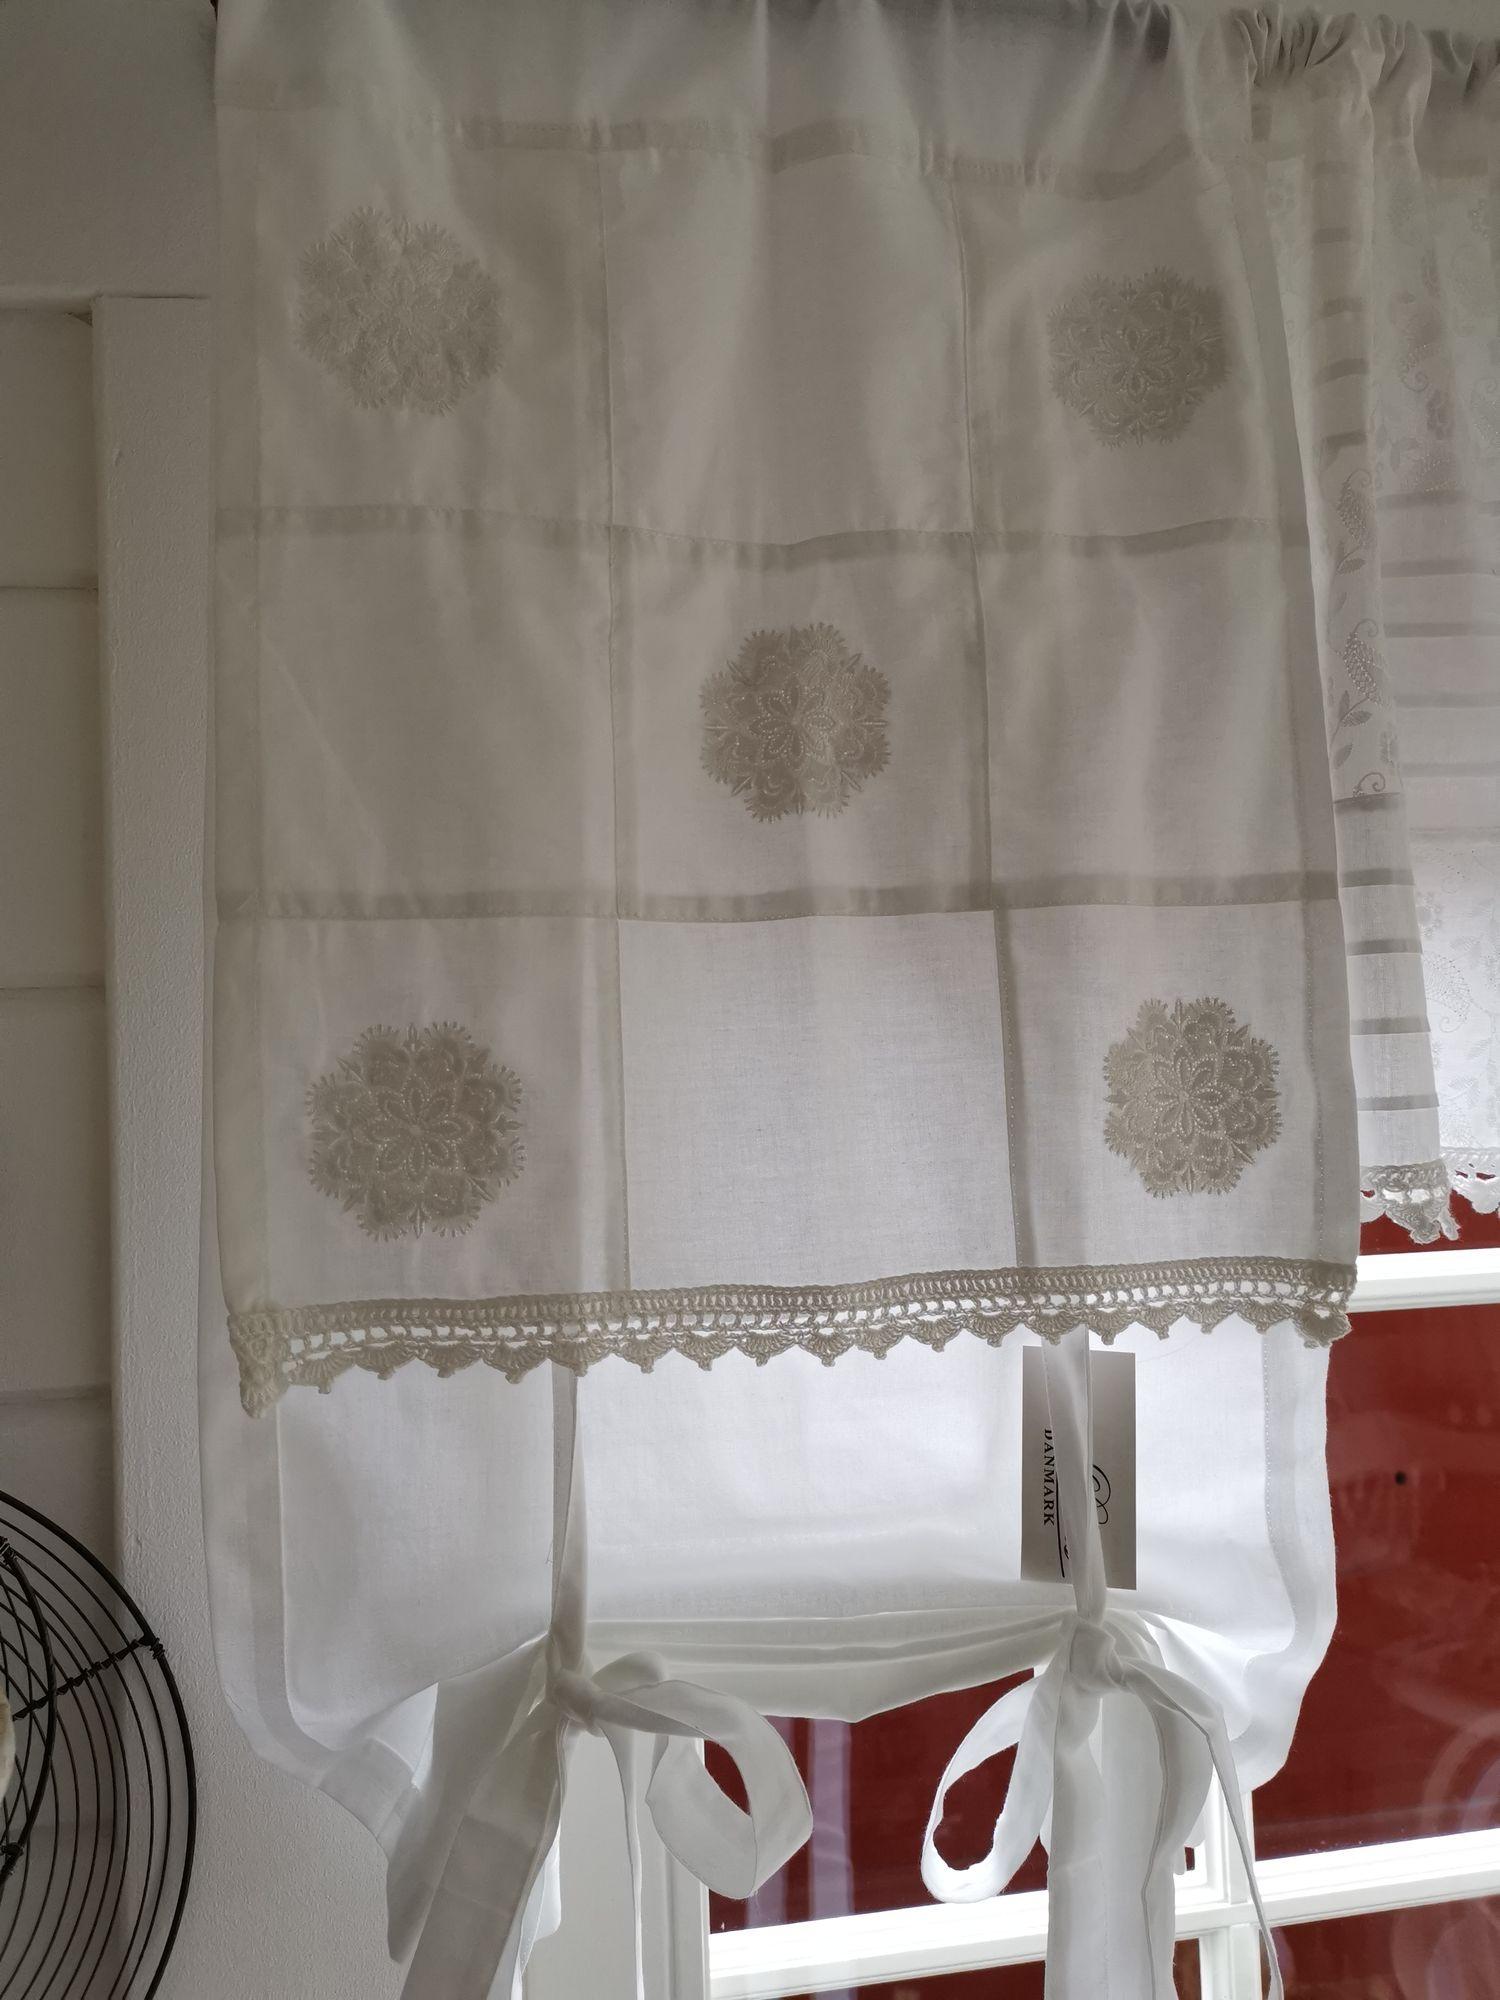 Full Size of Scheibengardinen Landhausstil Raffgardine Bett Boxspring Wohnzimmer Küche Schlafzimmer Esstisch Weiß Betten Sofa Bad Regal Wohnzimmer Scheibengardinen Landhausstil